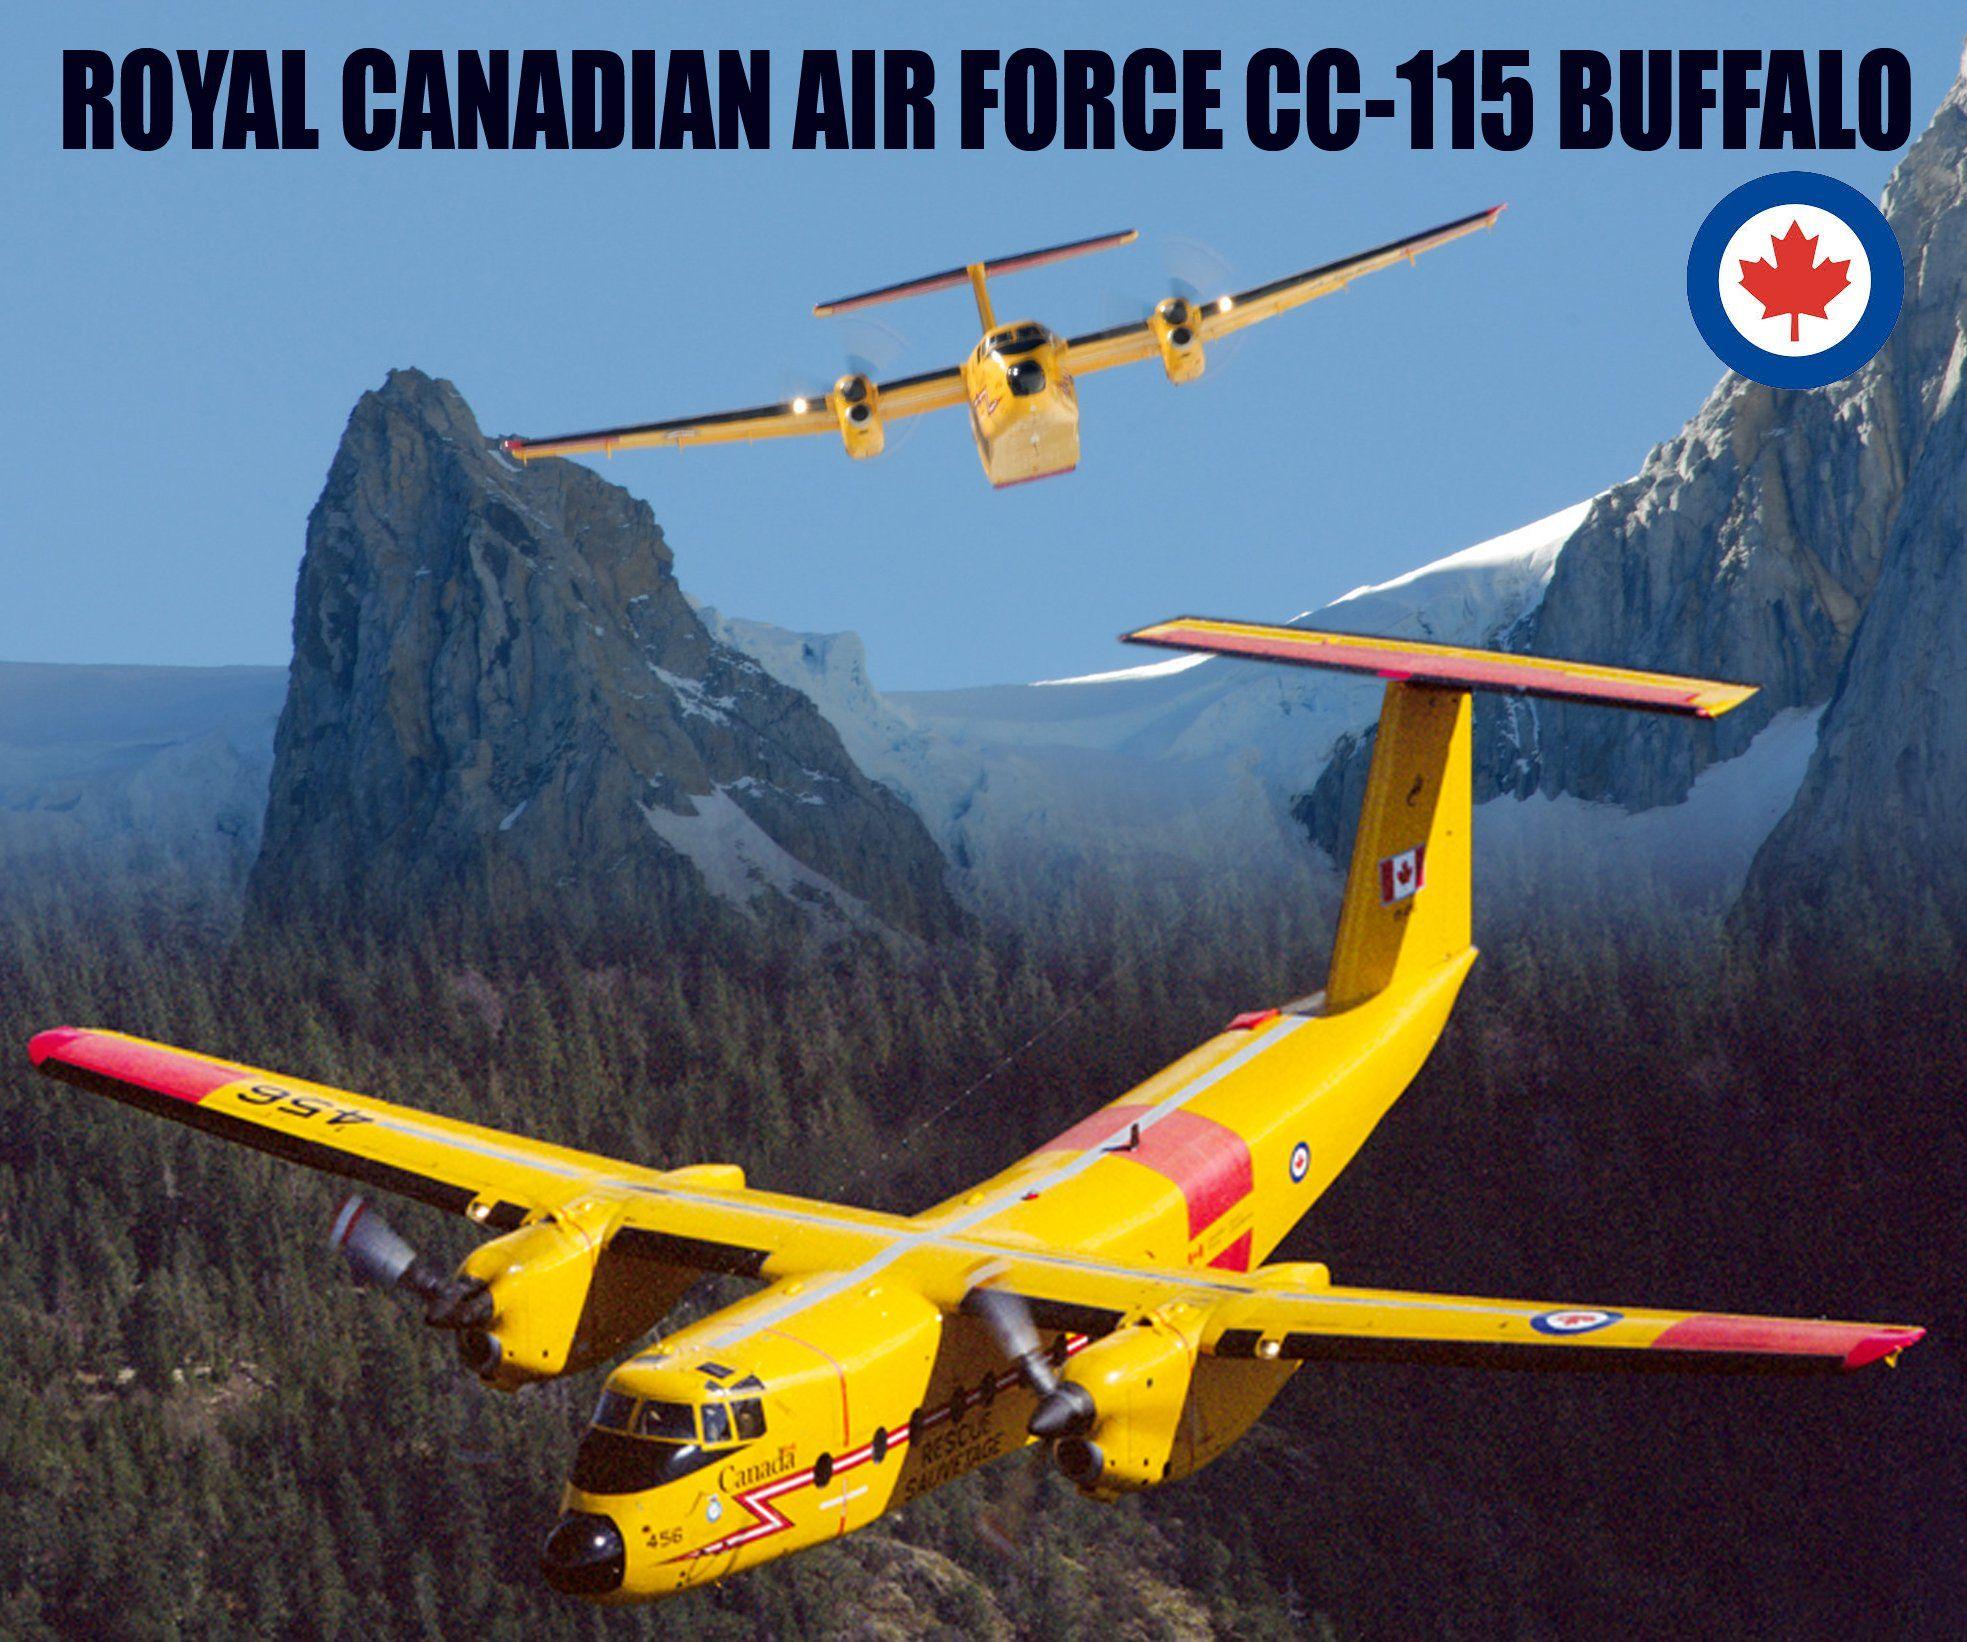 Rcaf De Havilland Canada Buffalo